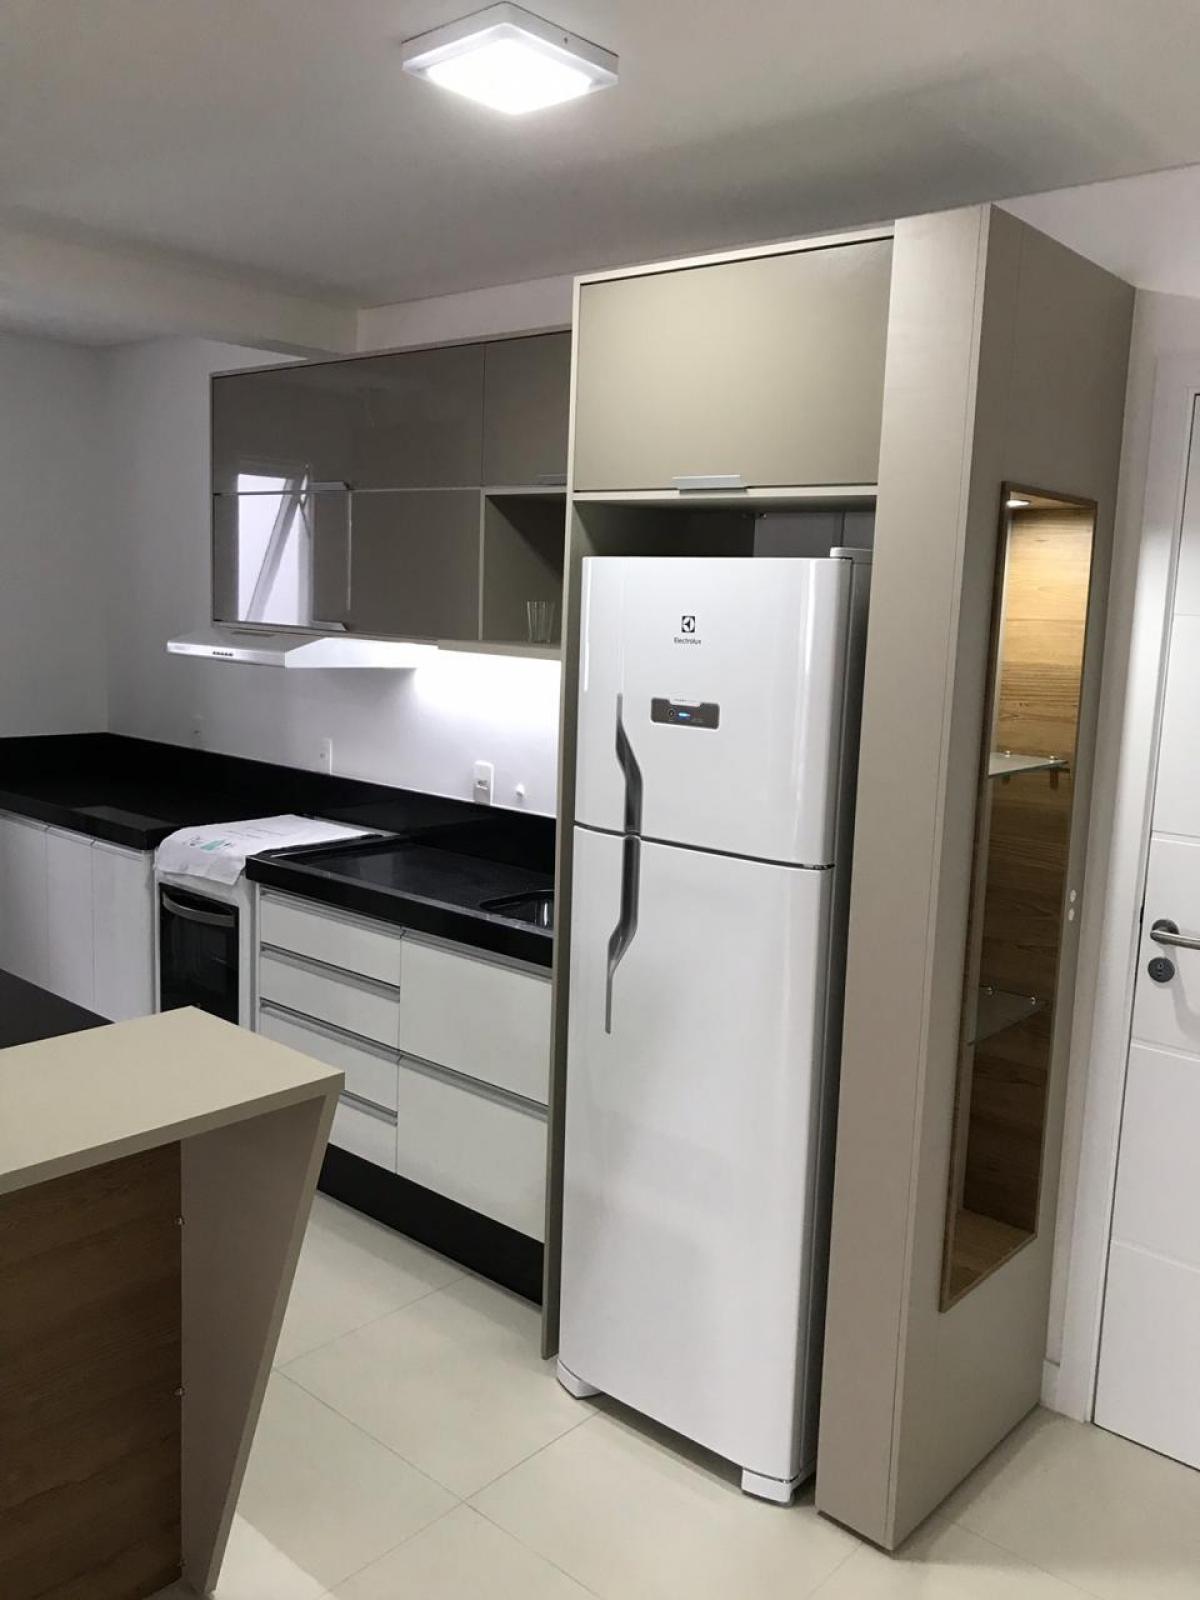 Projetando uma cozinha planejada